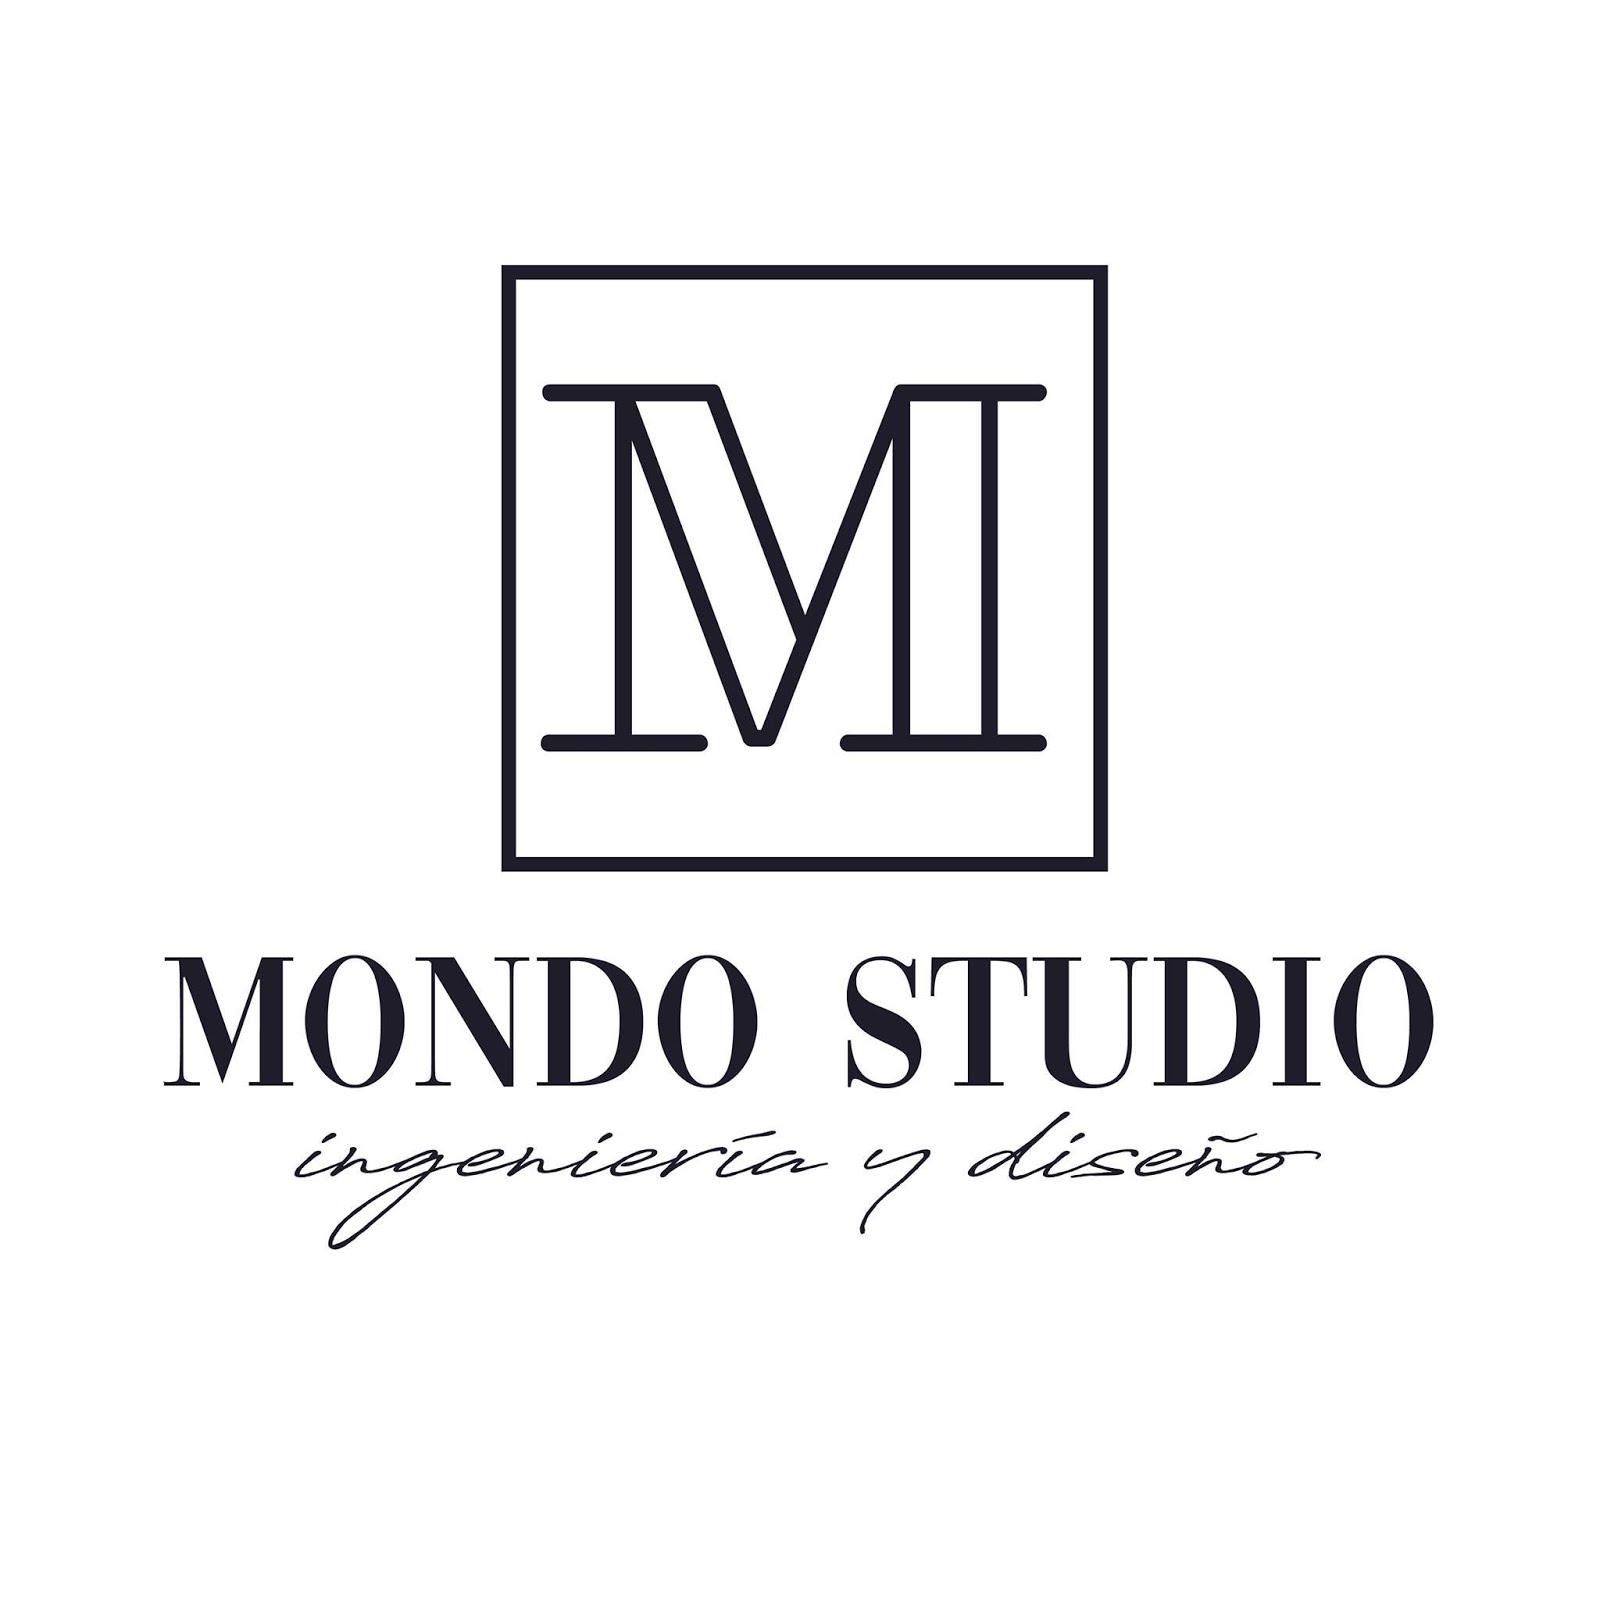 Mondo Studio